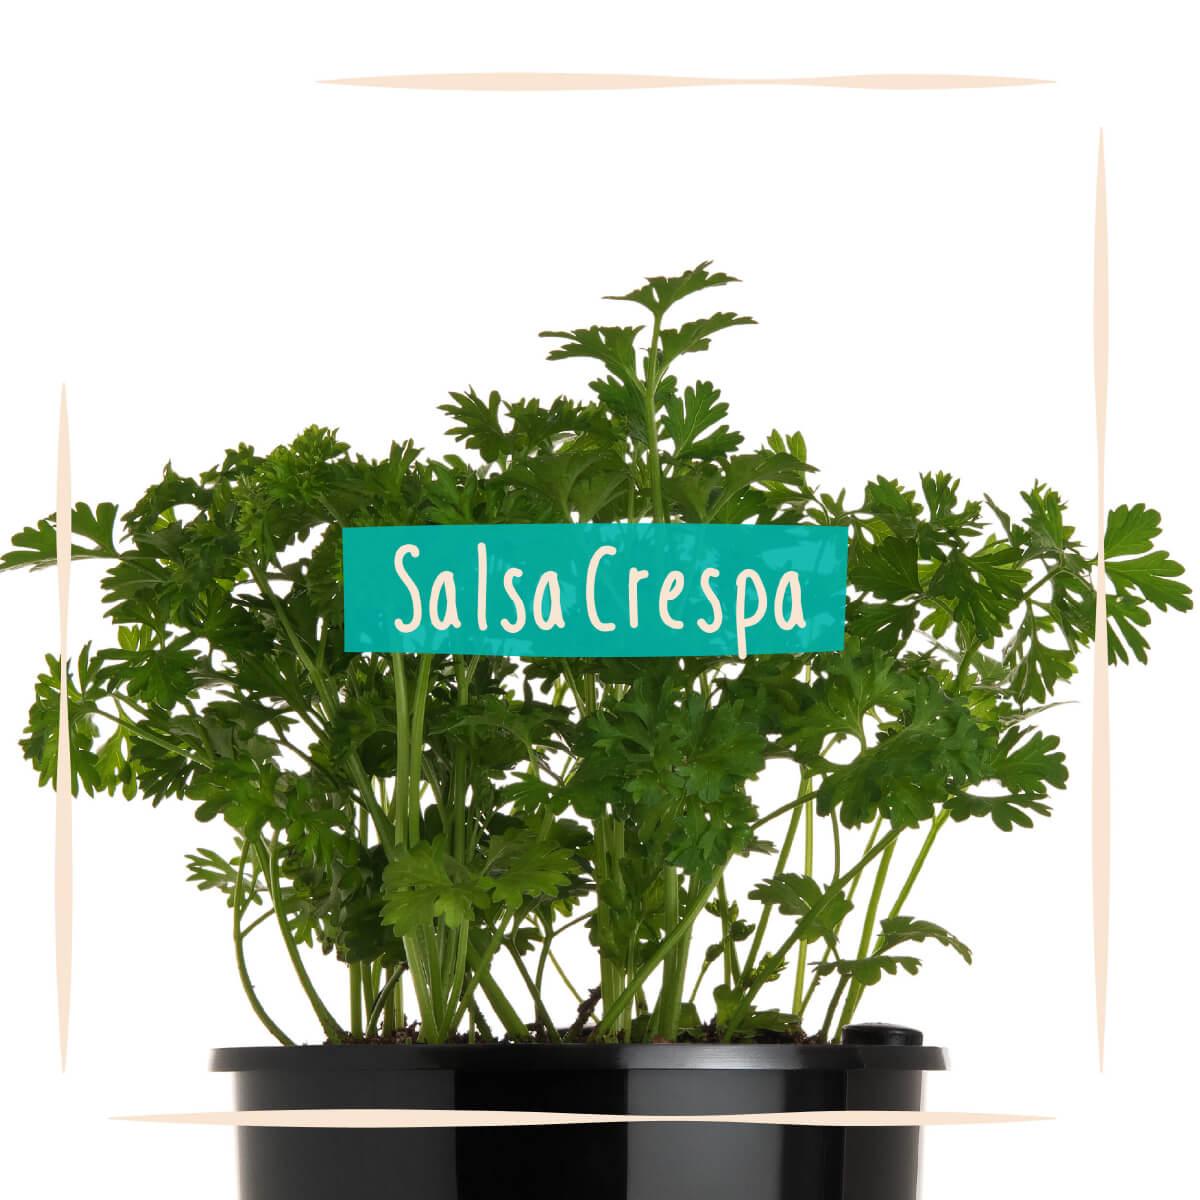 Sementes para plantar Salsa Crespa em vasos autoirrigáveis RAIZ  - Loja Raiz